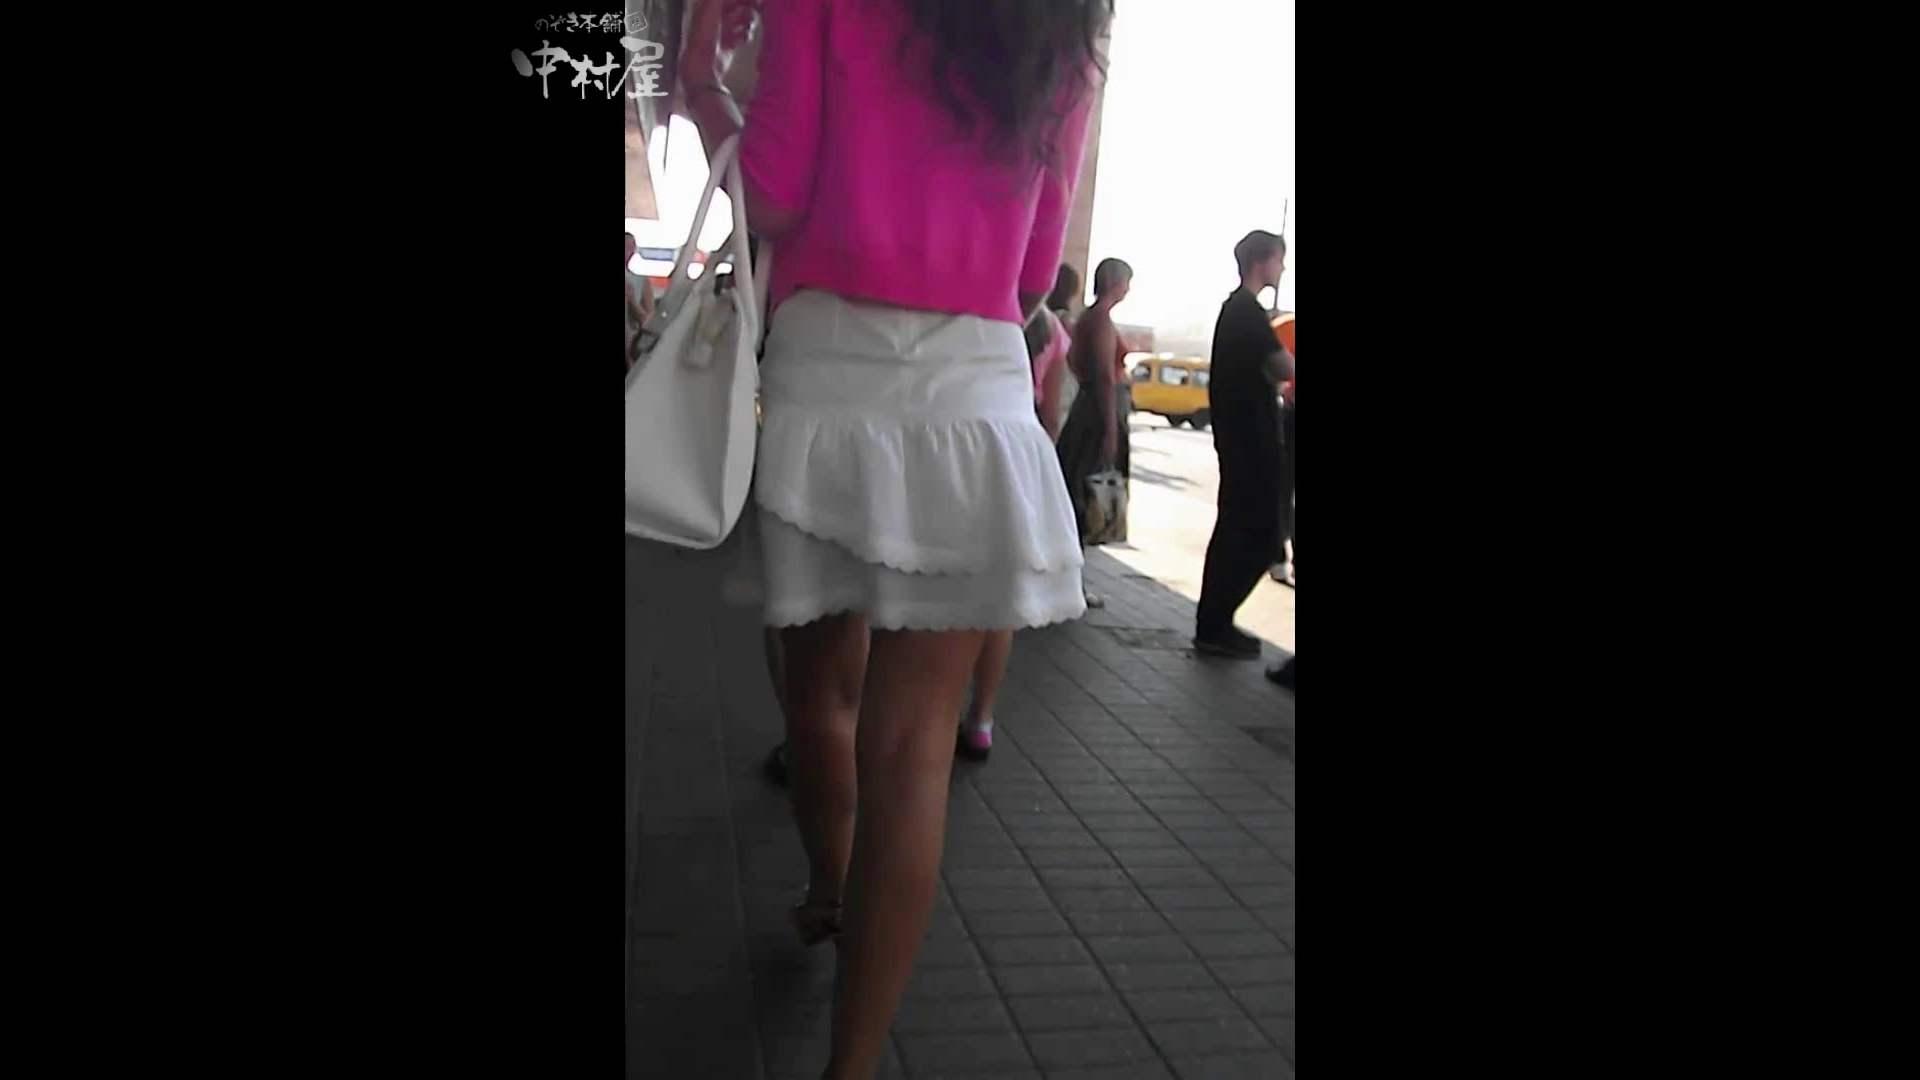 綺麗なモデルさんのスカート捲っちゃおう‼ vol11 0   0  57pic 19